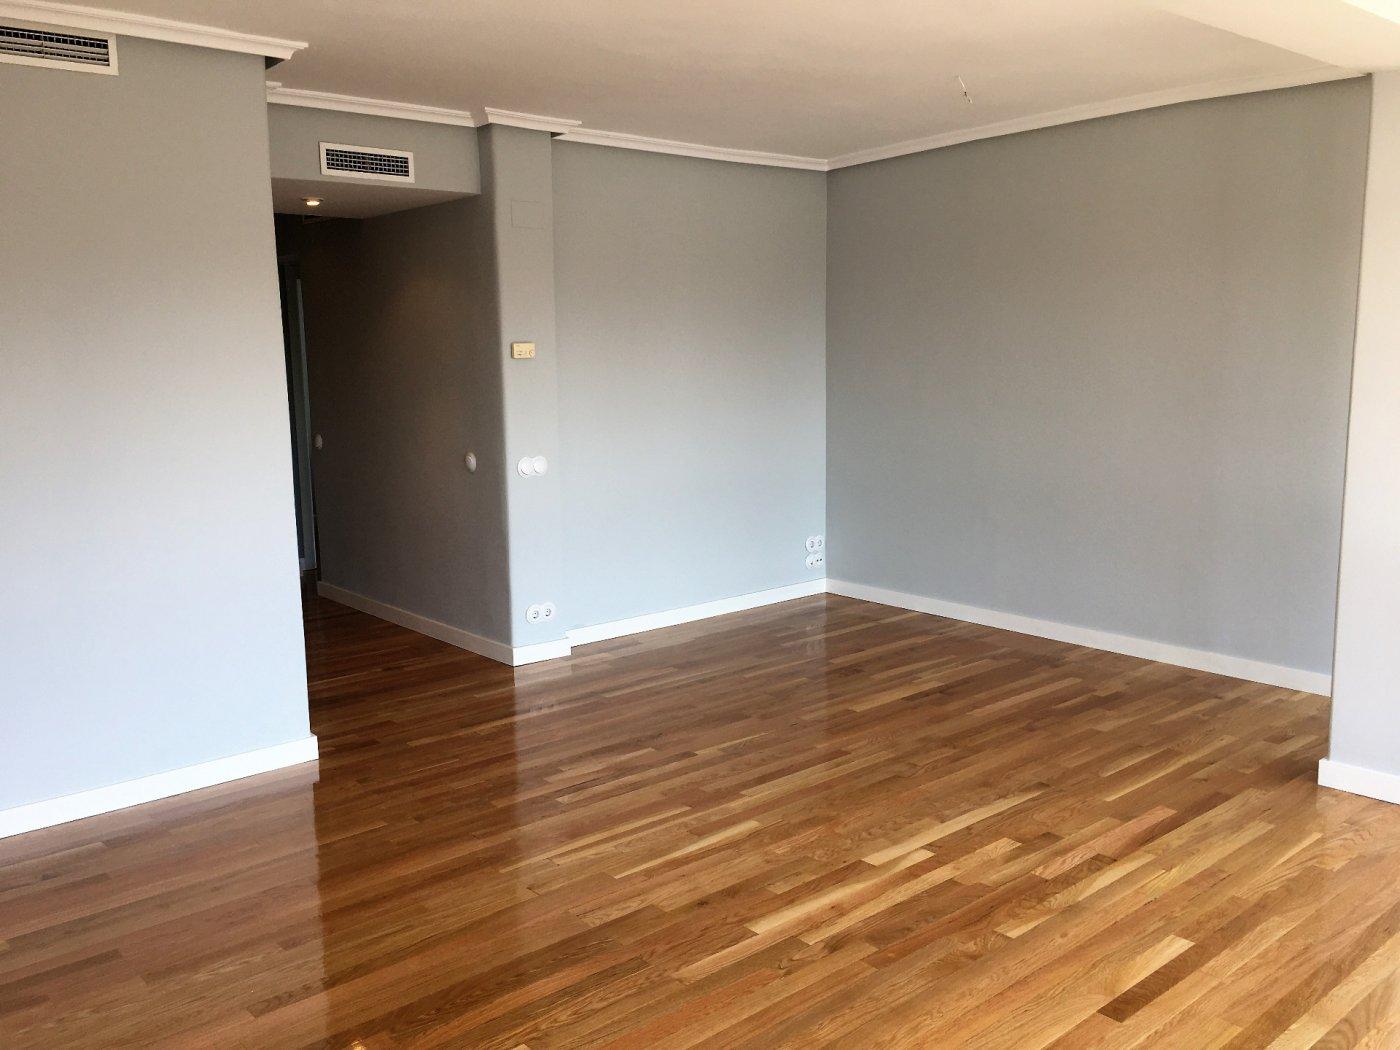 Alquiler de piso en madrid - imagenInmueble6